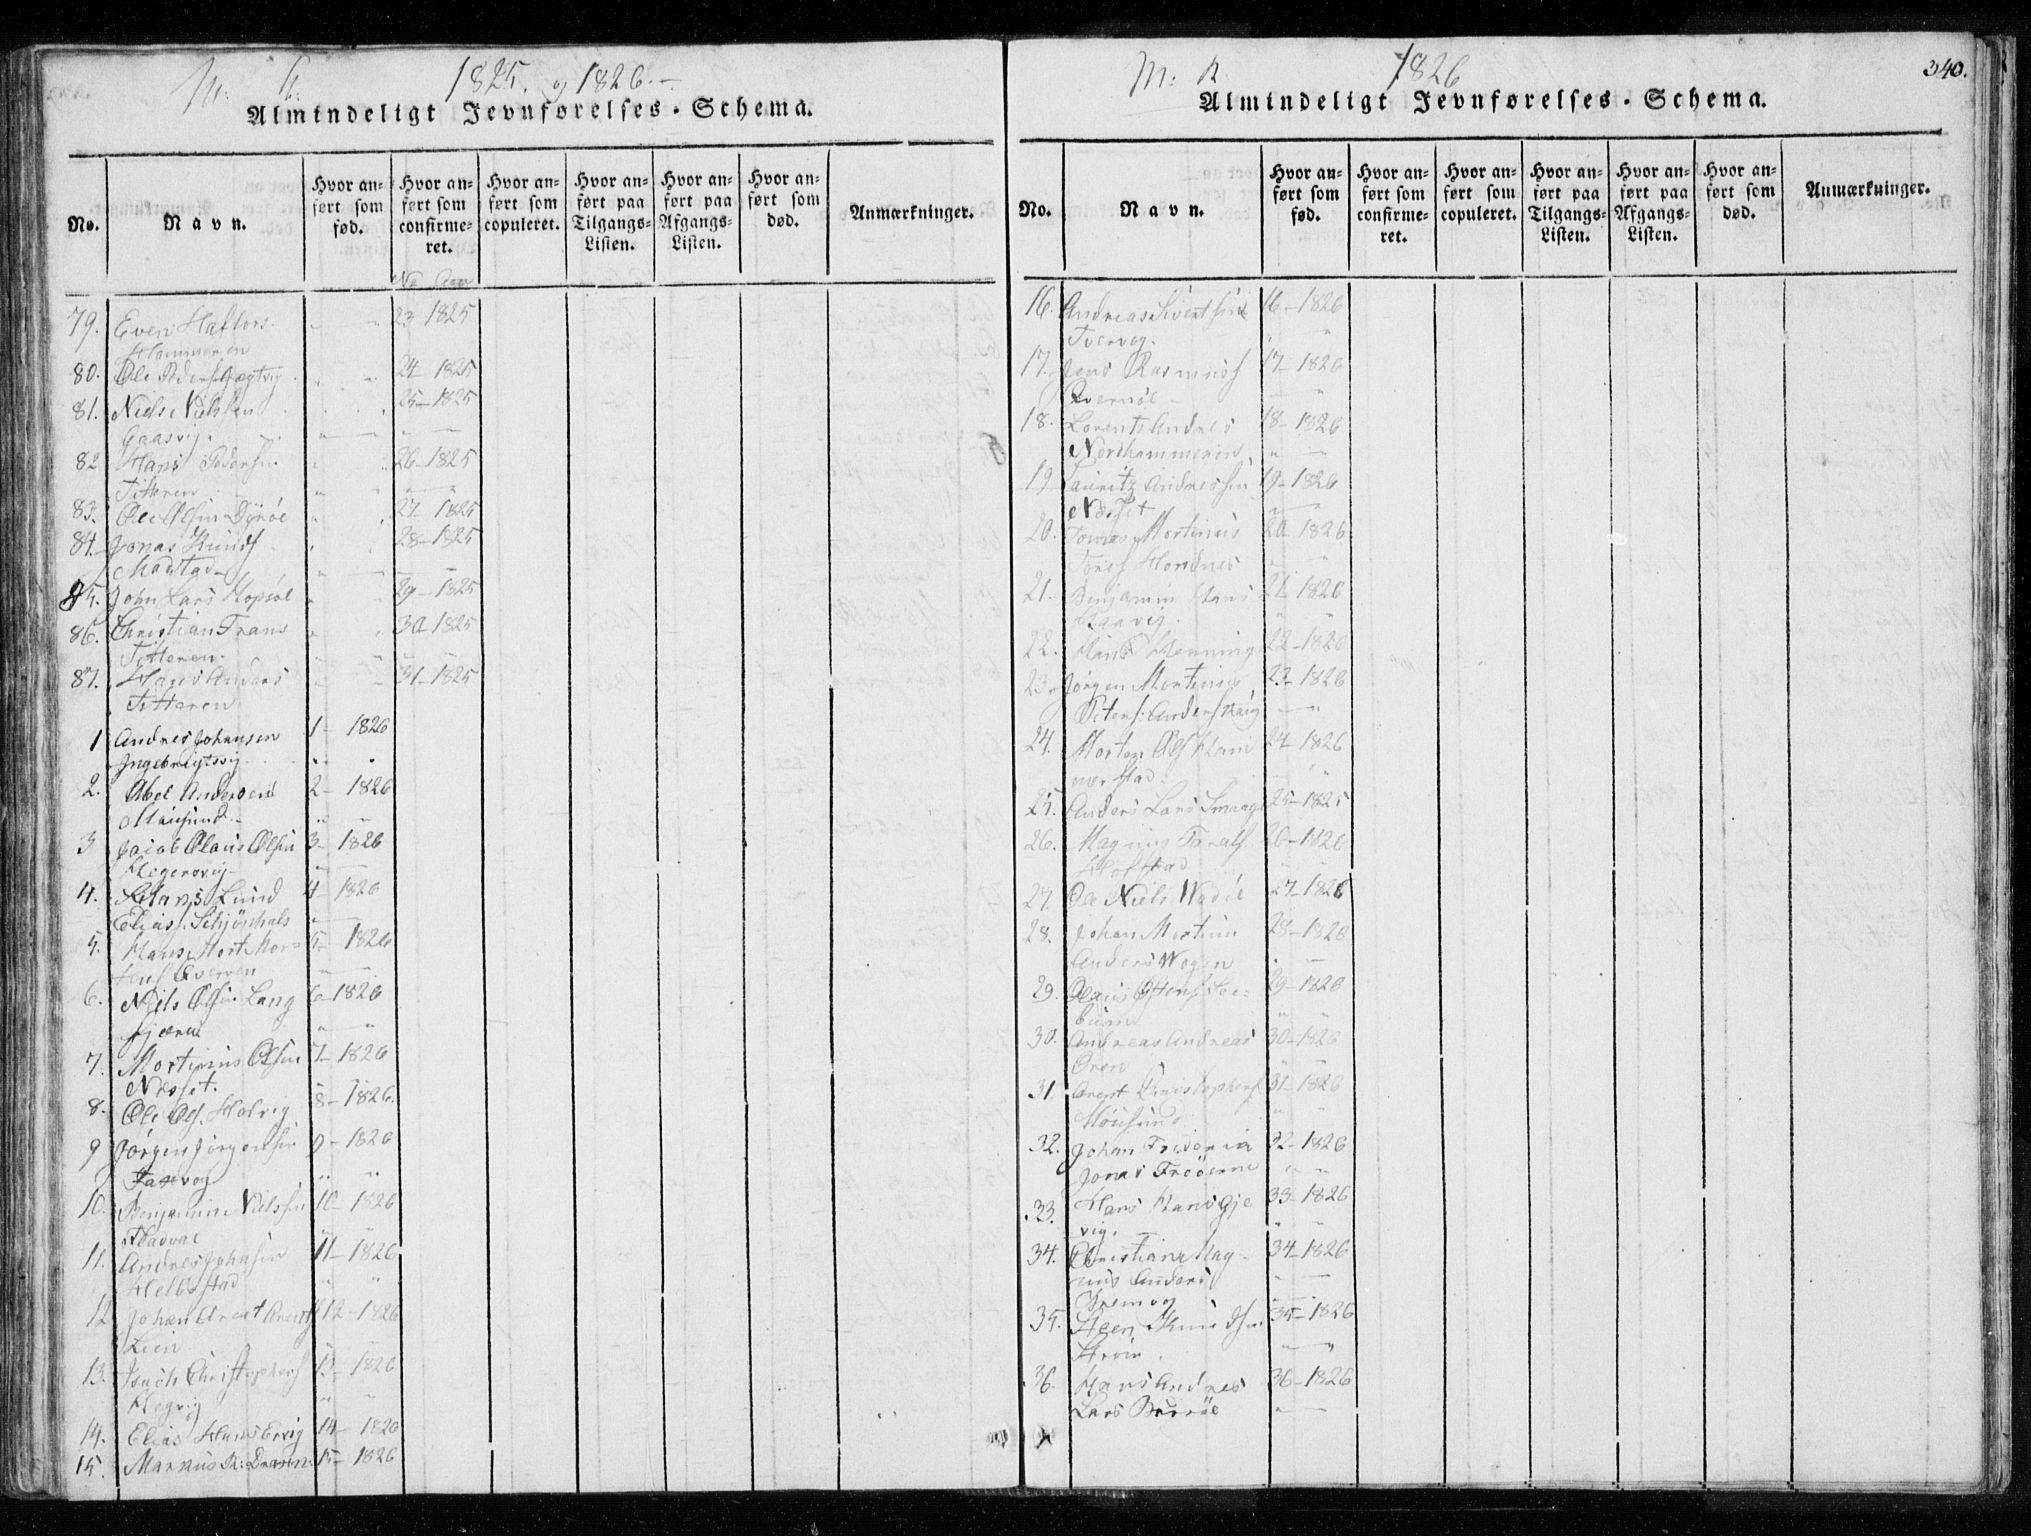 SAT, Ministerialprotokoller, klokkerbøker og fødselsregistre - Sør-Trøndelag, 634/L0527: Ministerialbok nr. 634A03, 1818-1826, s. 340